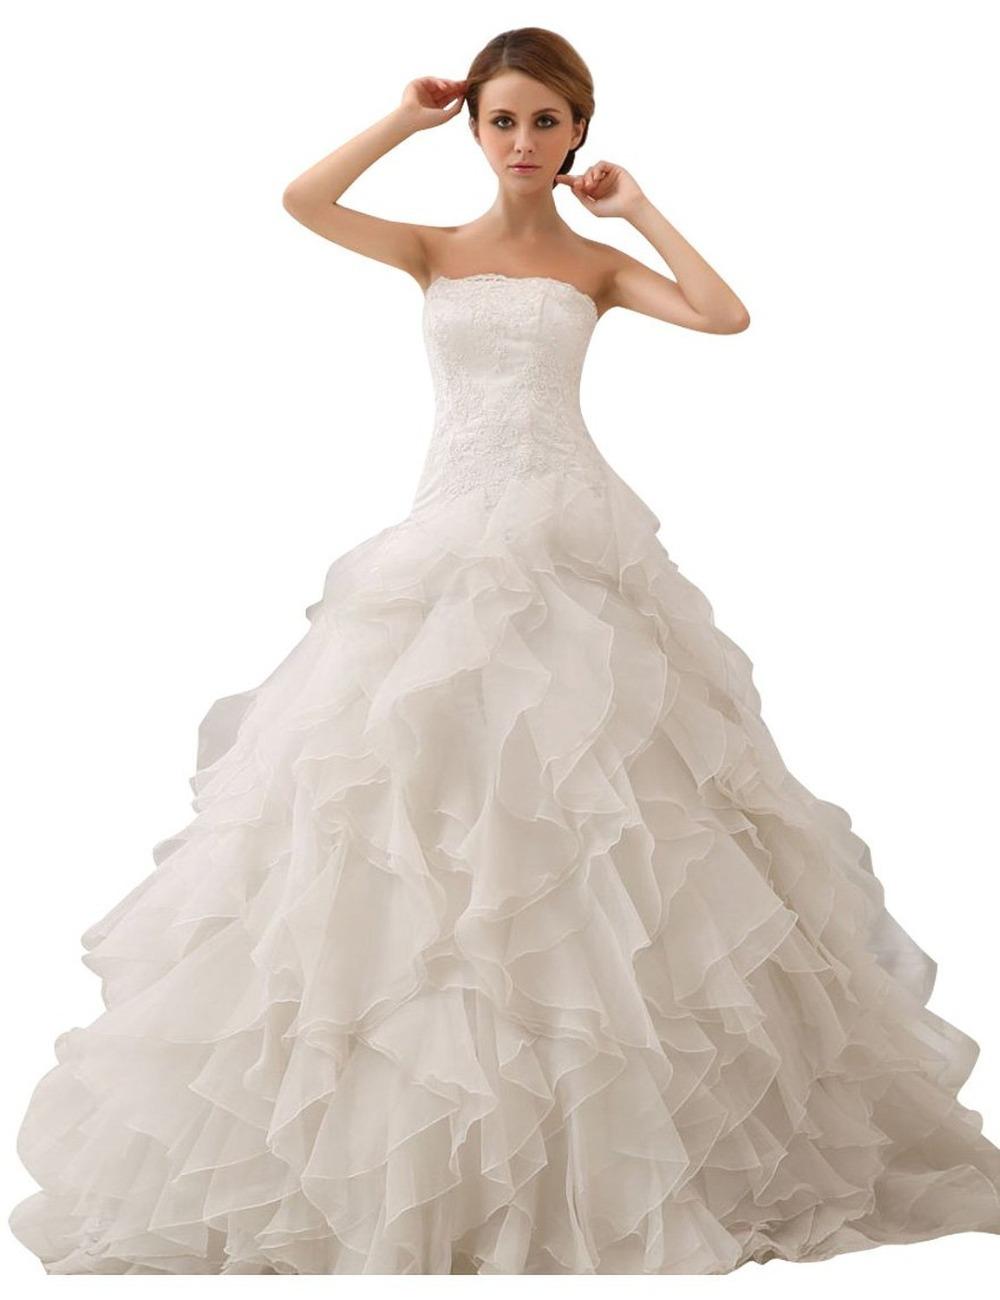 Acquista 2015 elegante una linea di abiti for Wedding dress in stock